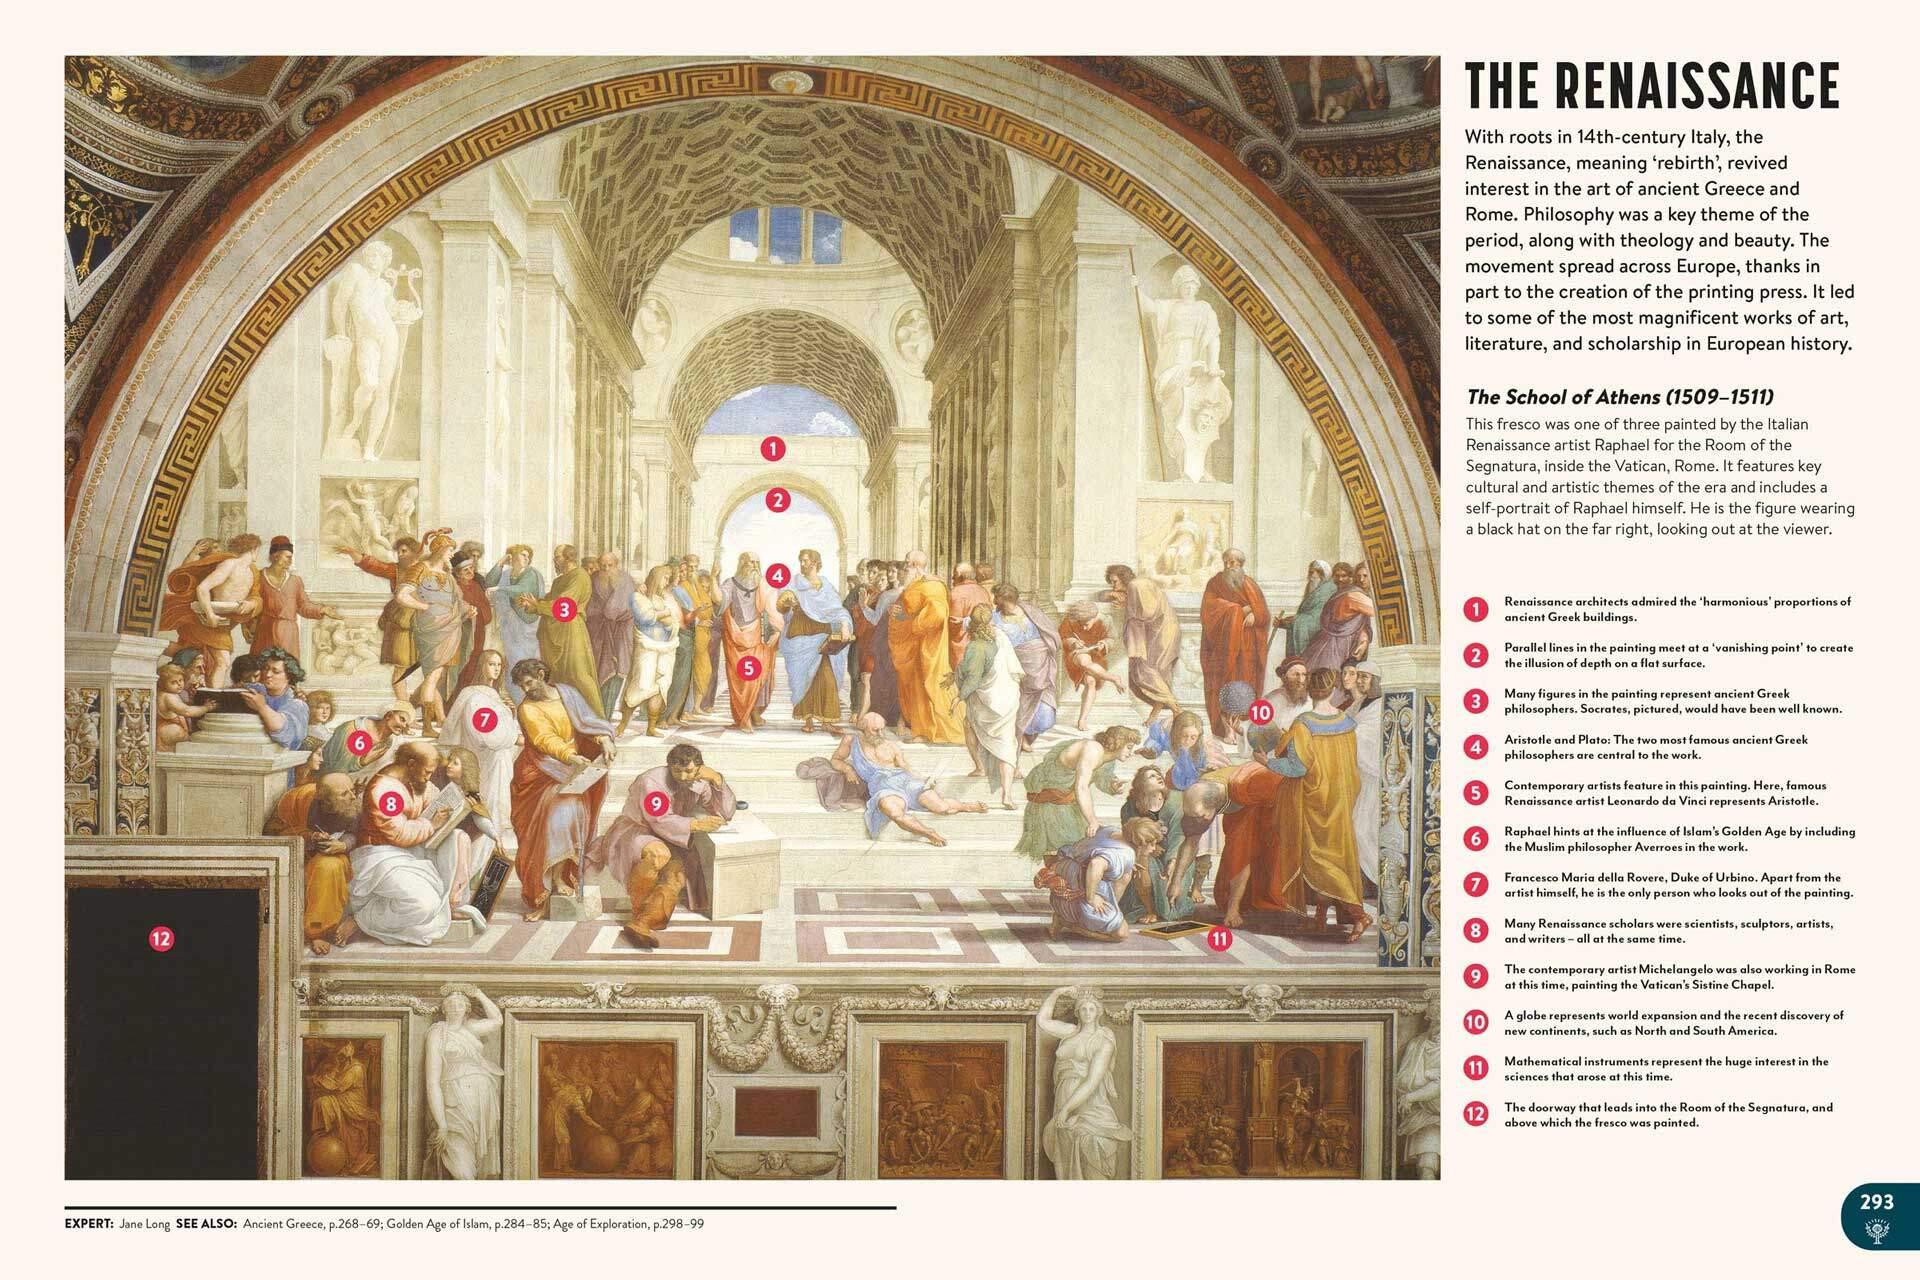 Britannica All New Children's Encyclopedia spread 5